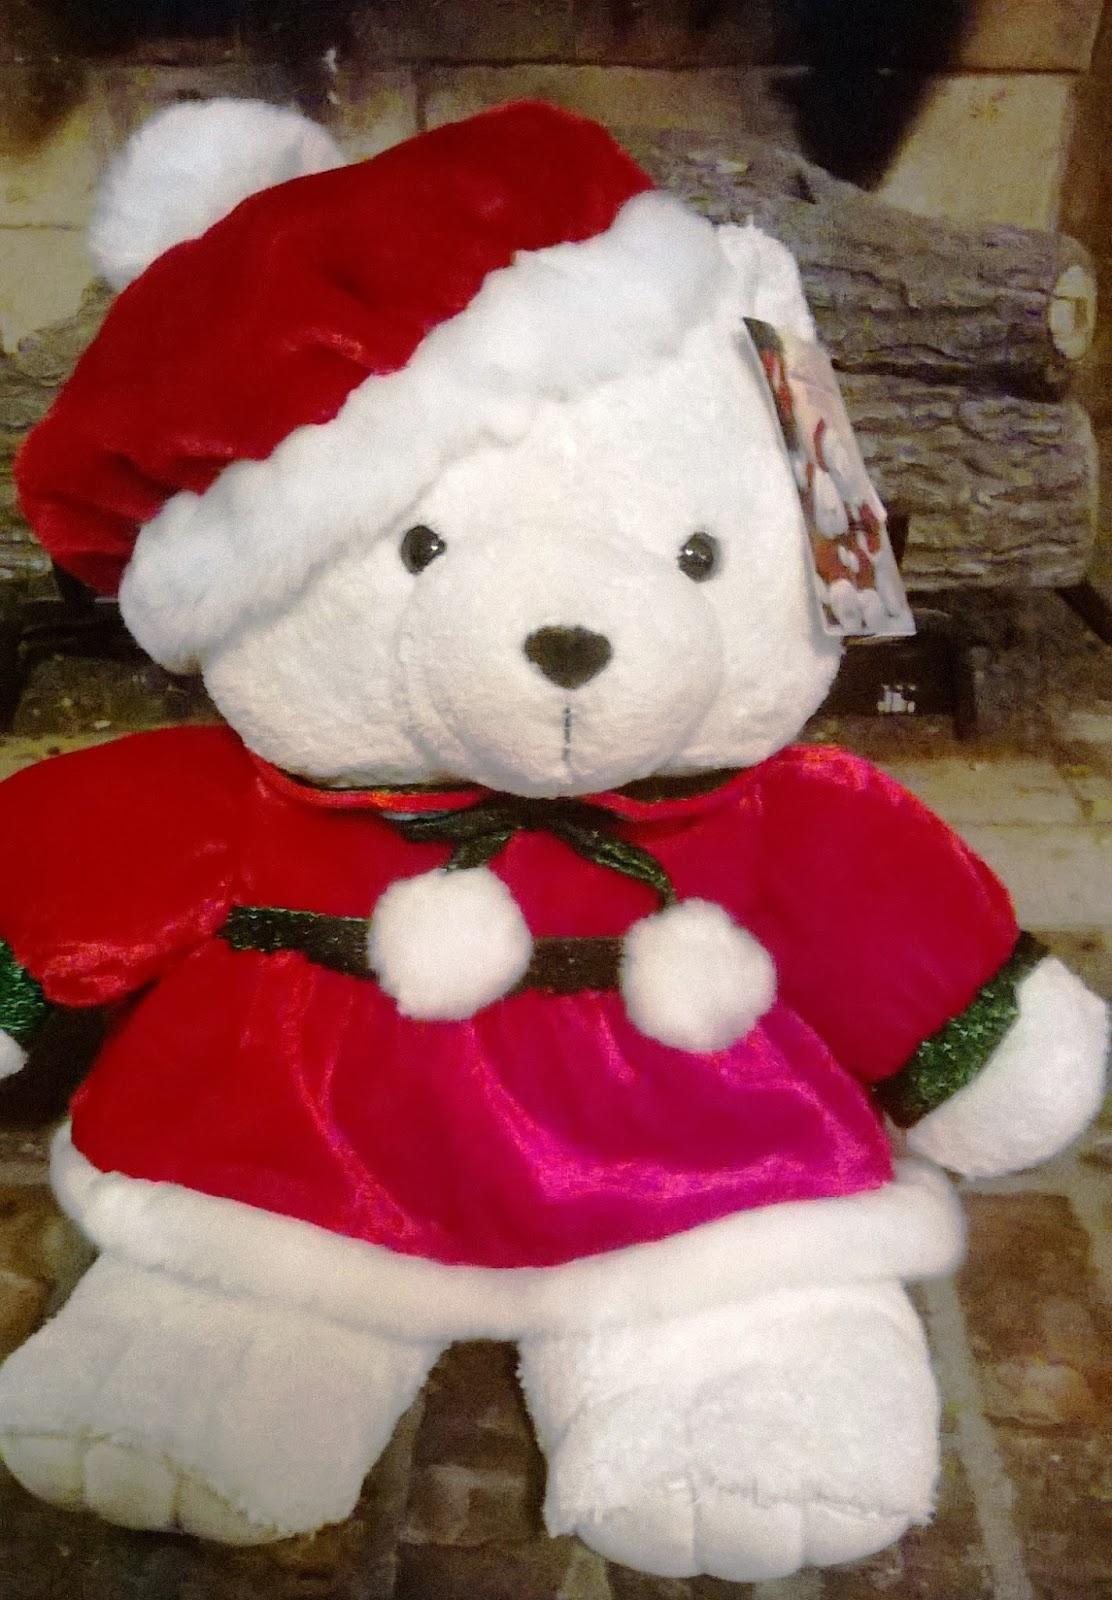 The Teddy Bear Shelter Christmas Teddy Bears Walmart Dan